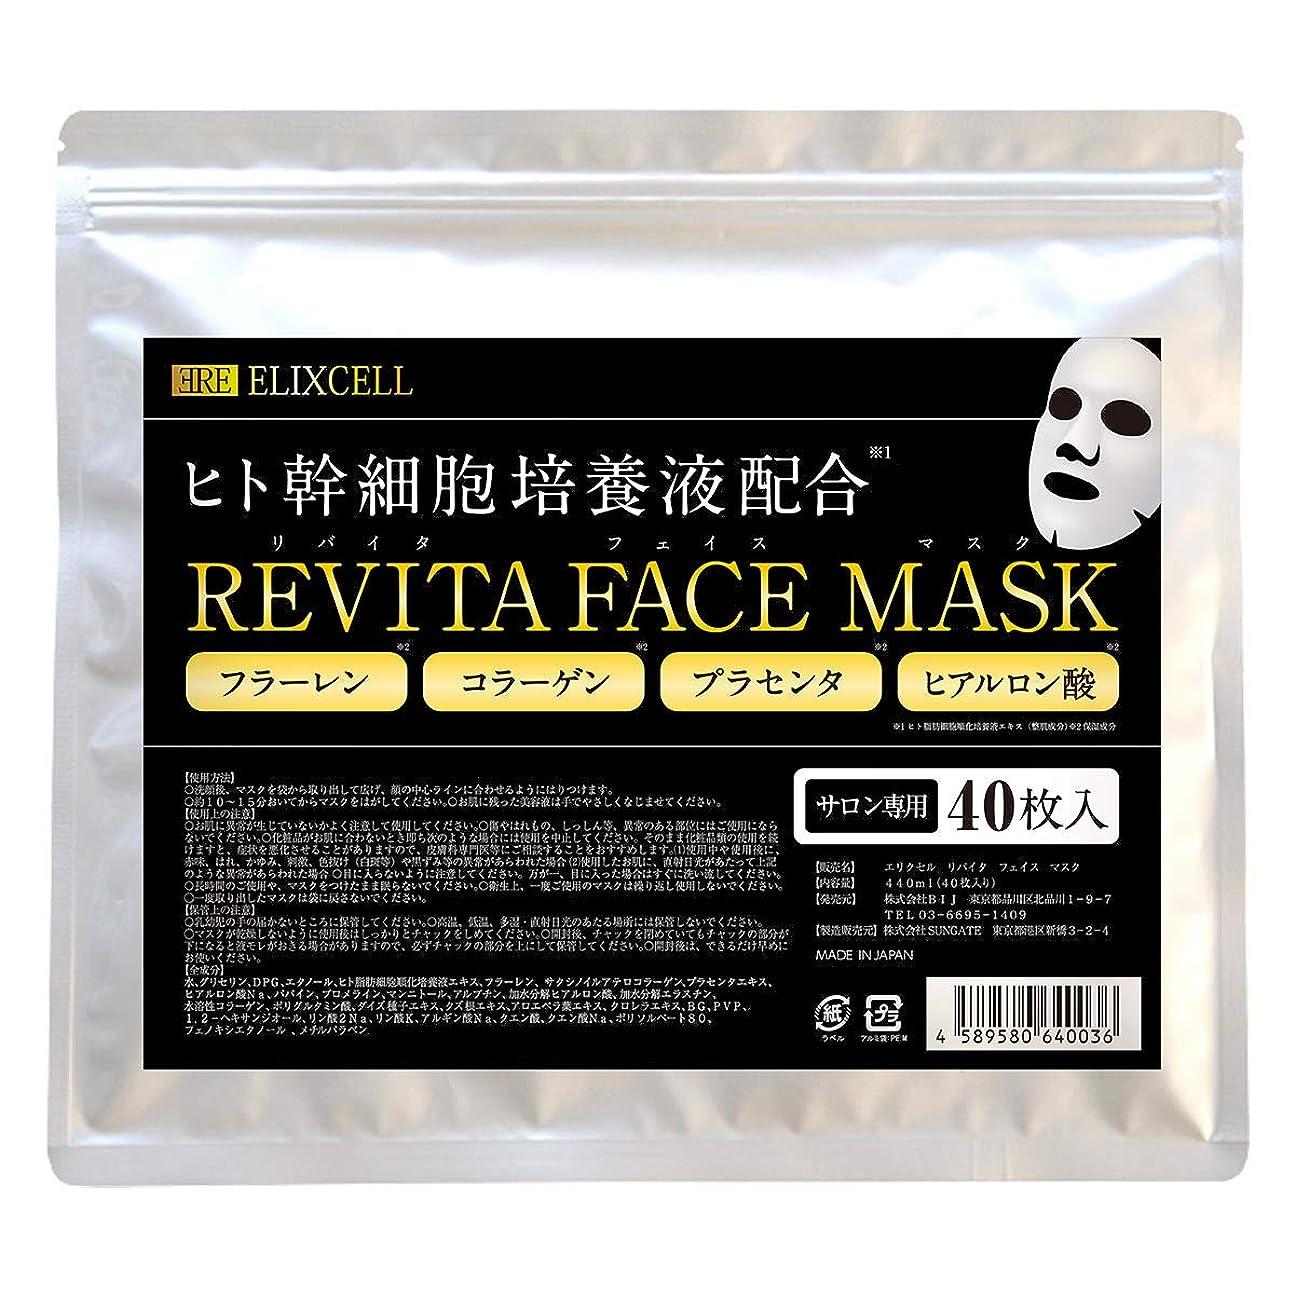 オープニング良性虫エリクセル リバイタ フェイスマスク(40枚入り) ヒト幹細胞培養エキス フラーレン コラーゲン サロン業界初 低価格